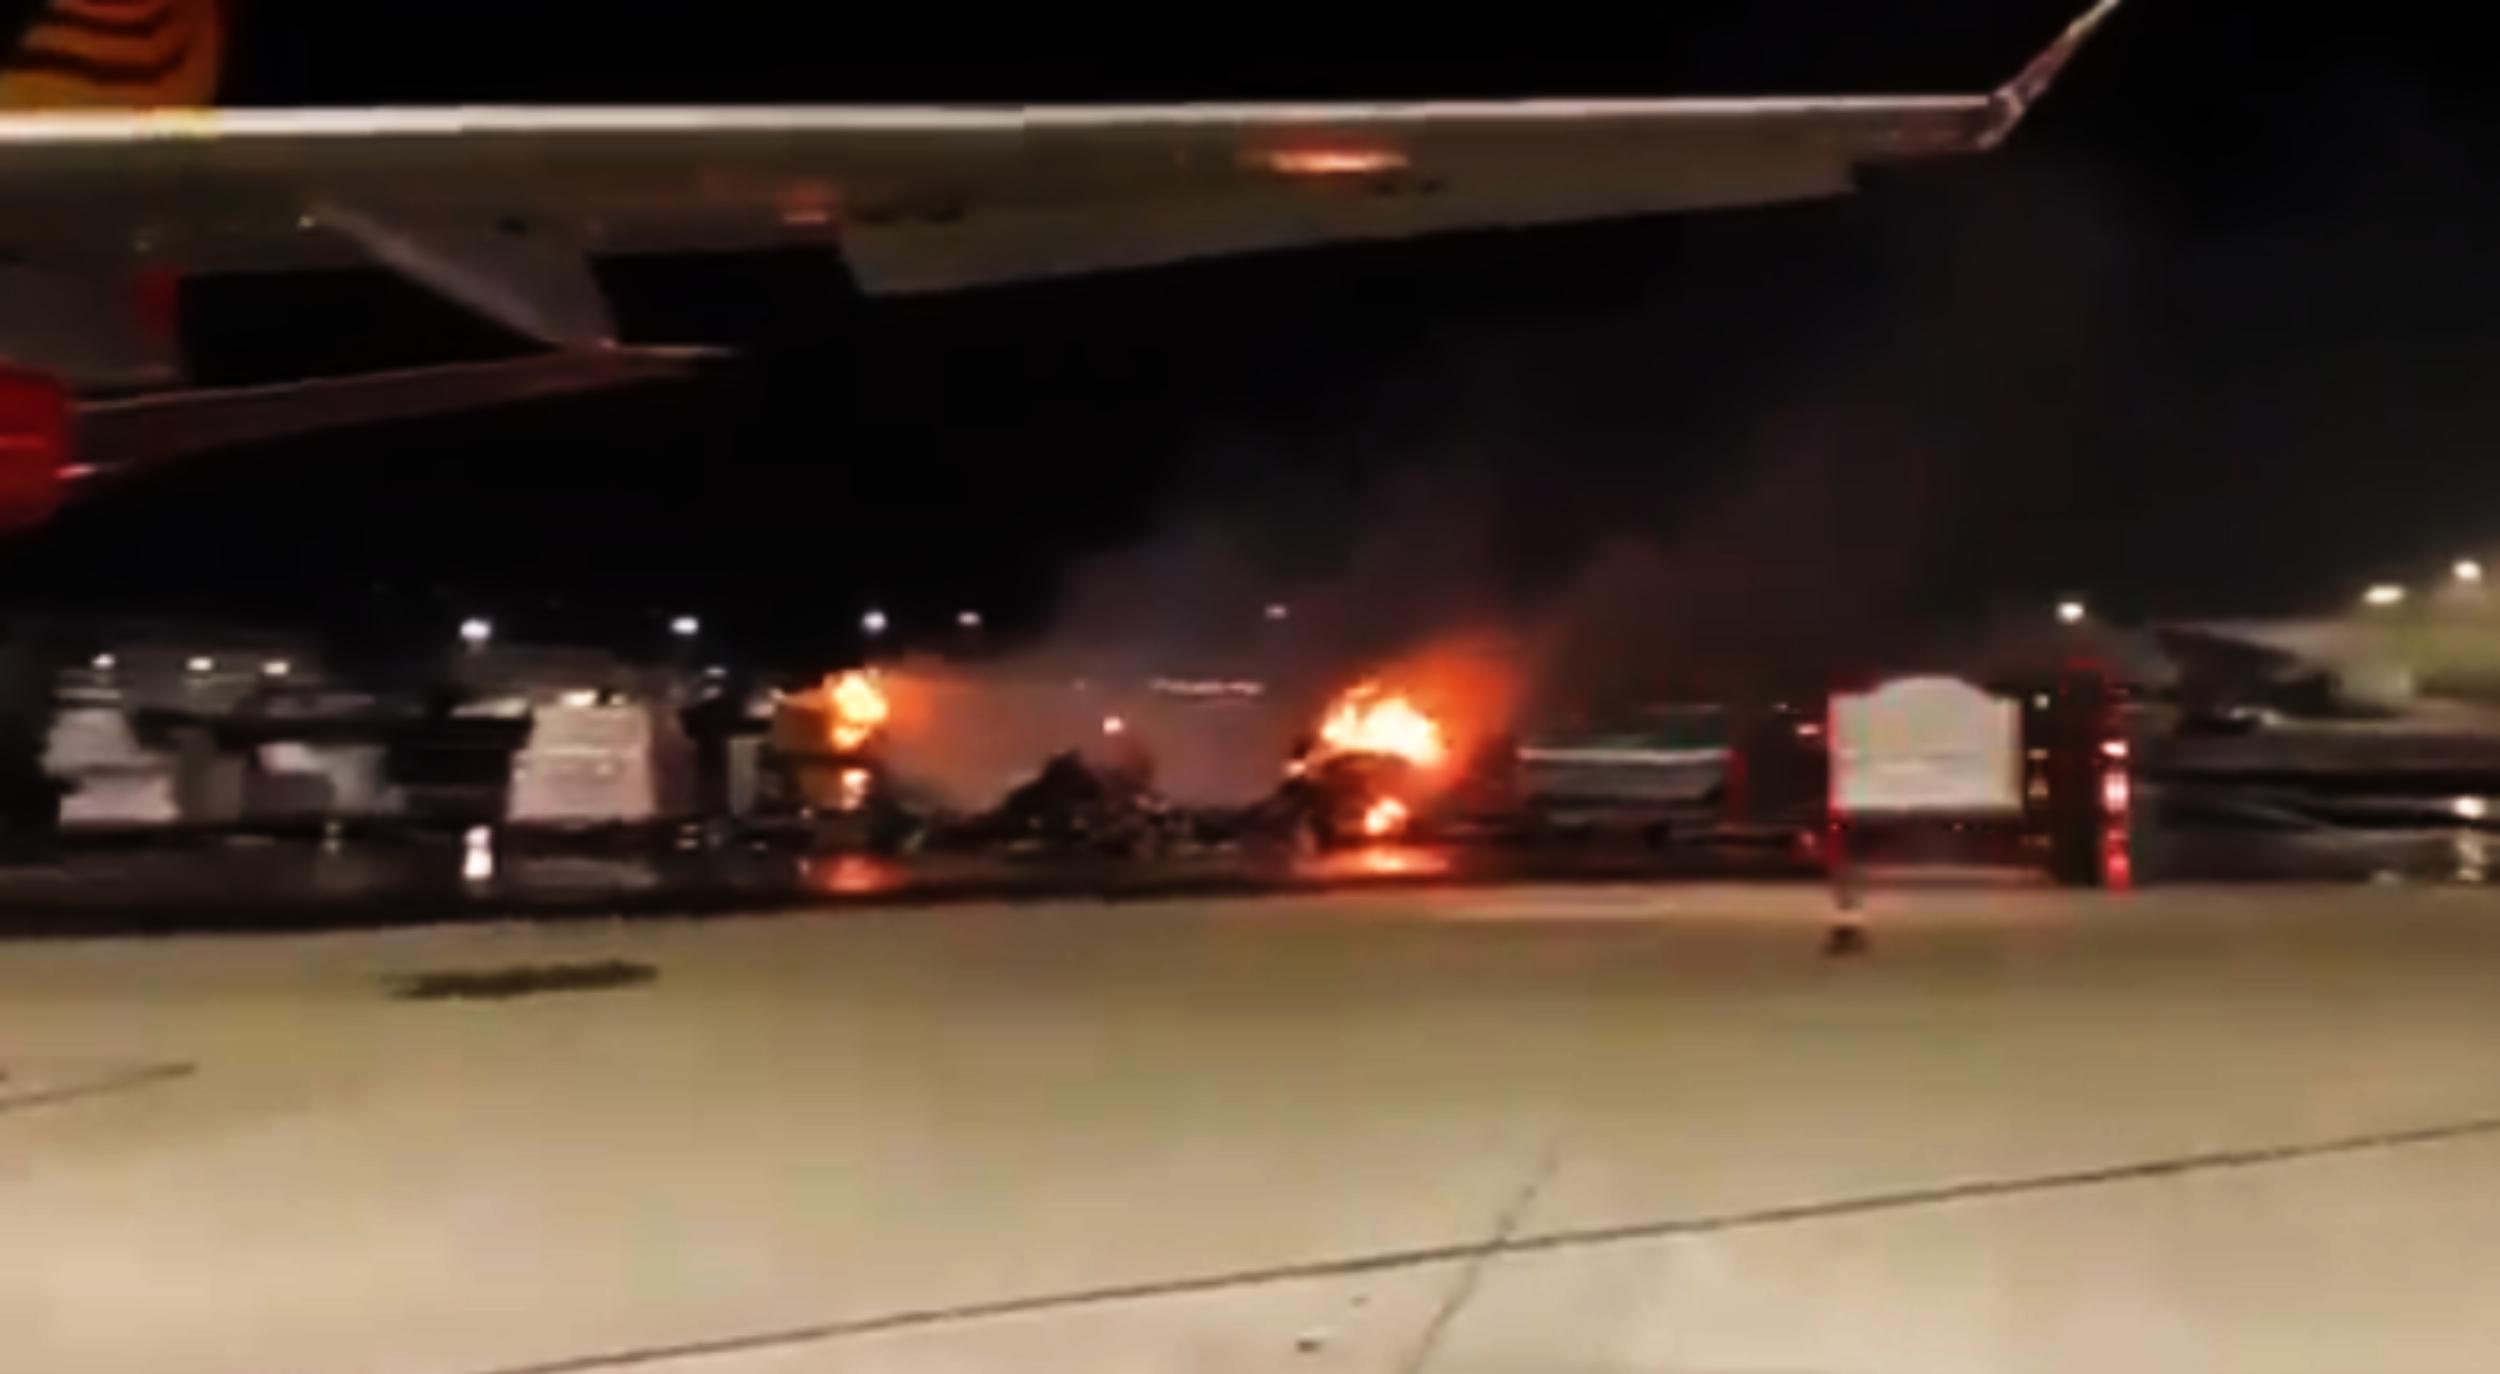 se-quemo-un-cargamento-de-celulares-que-iba-a-ser-subido-en-un-avion:-las-baterias-de-litio,-en-la-mira